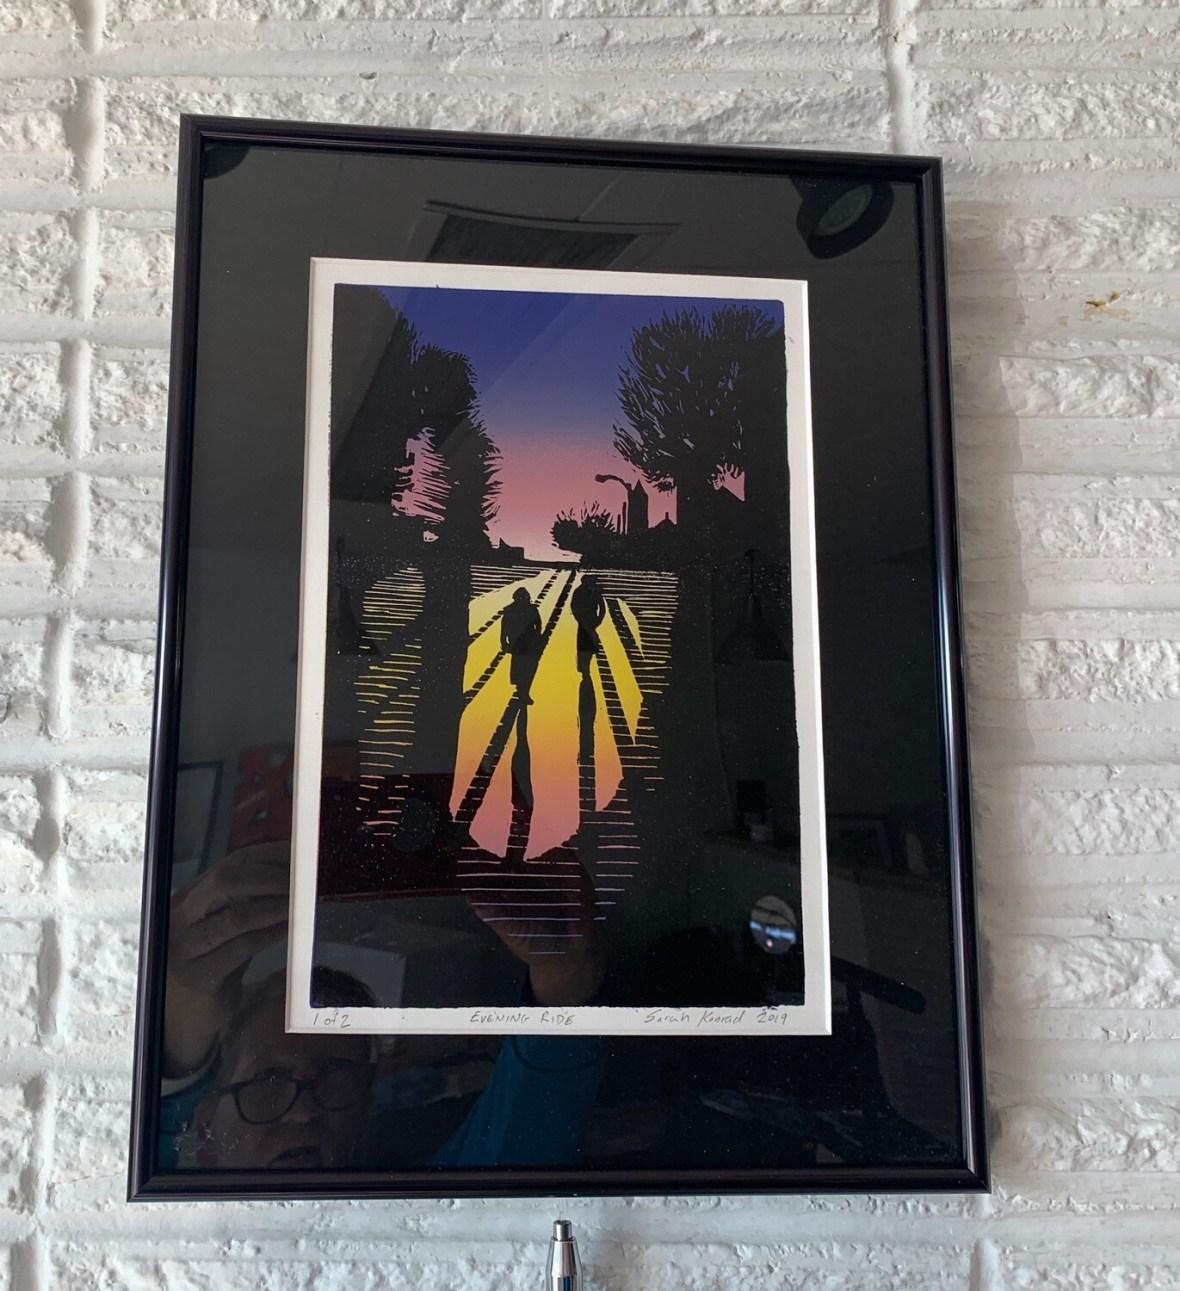 Evening Ride by Sarah Konrad (linoleum cut print)